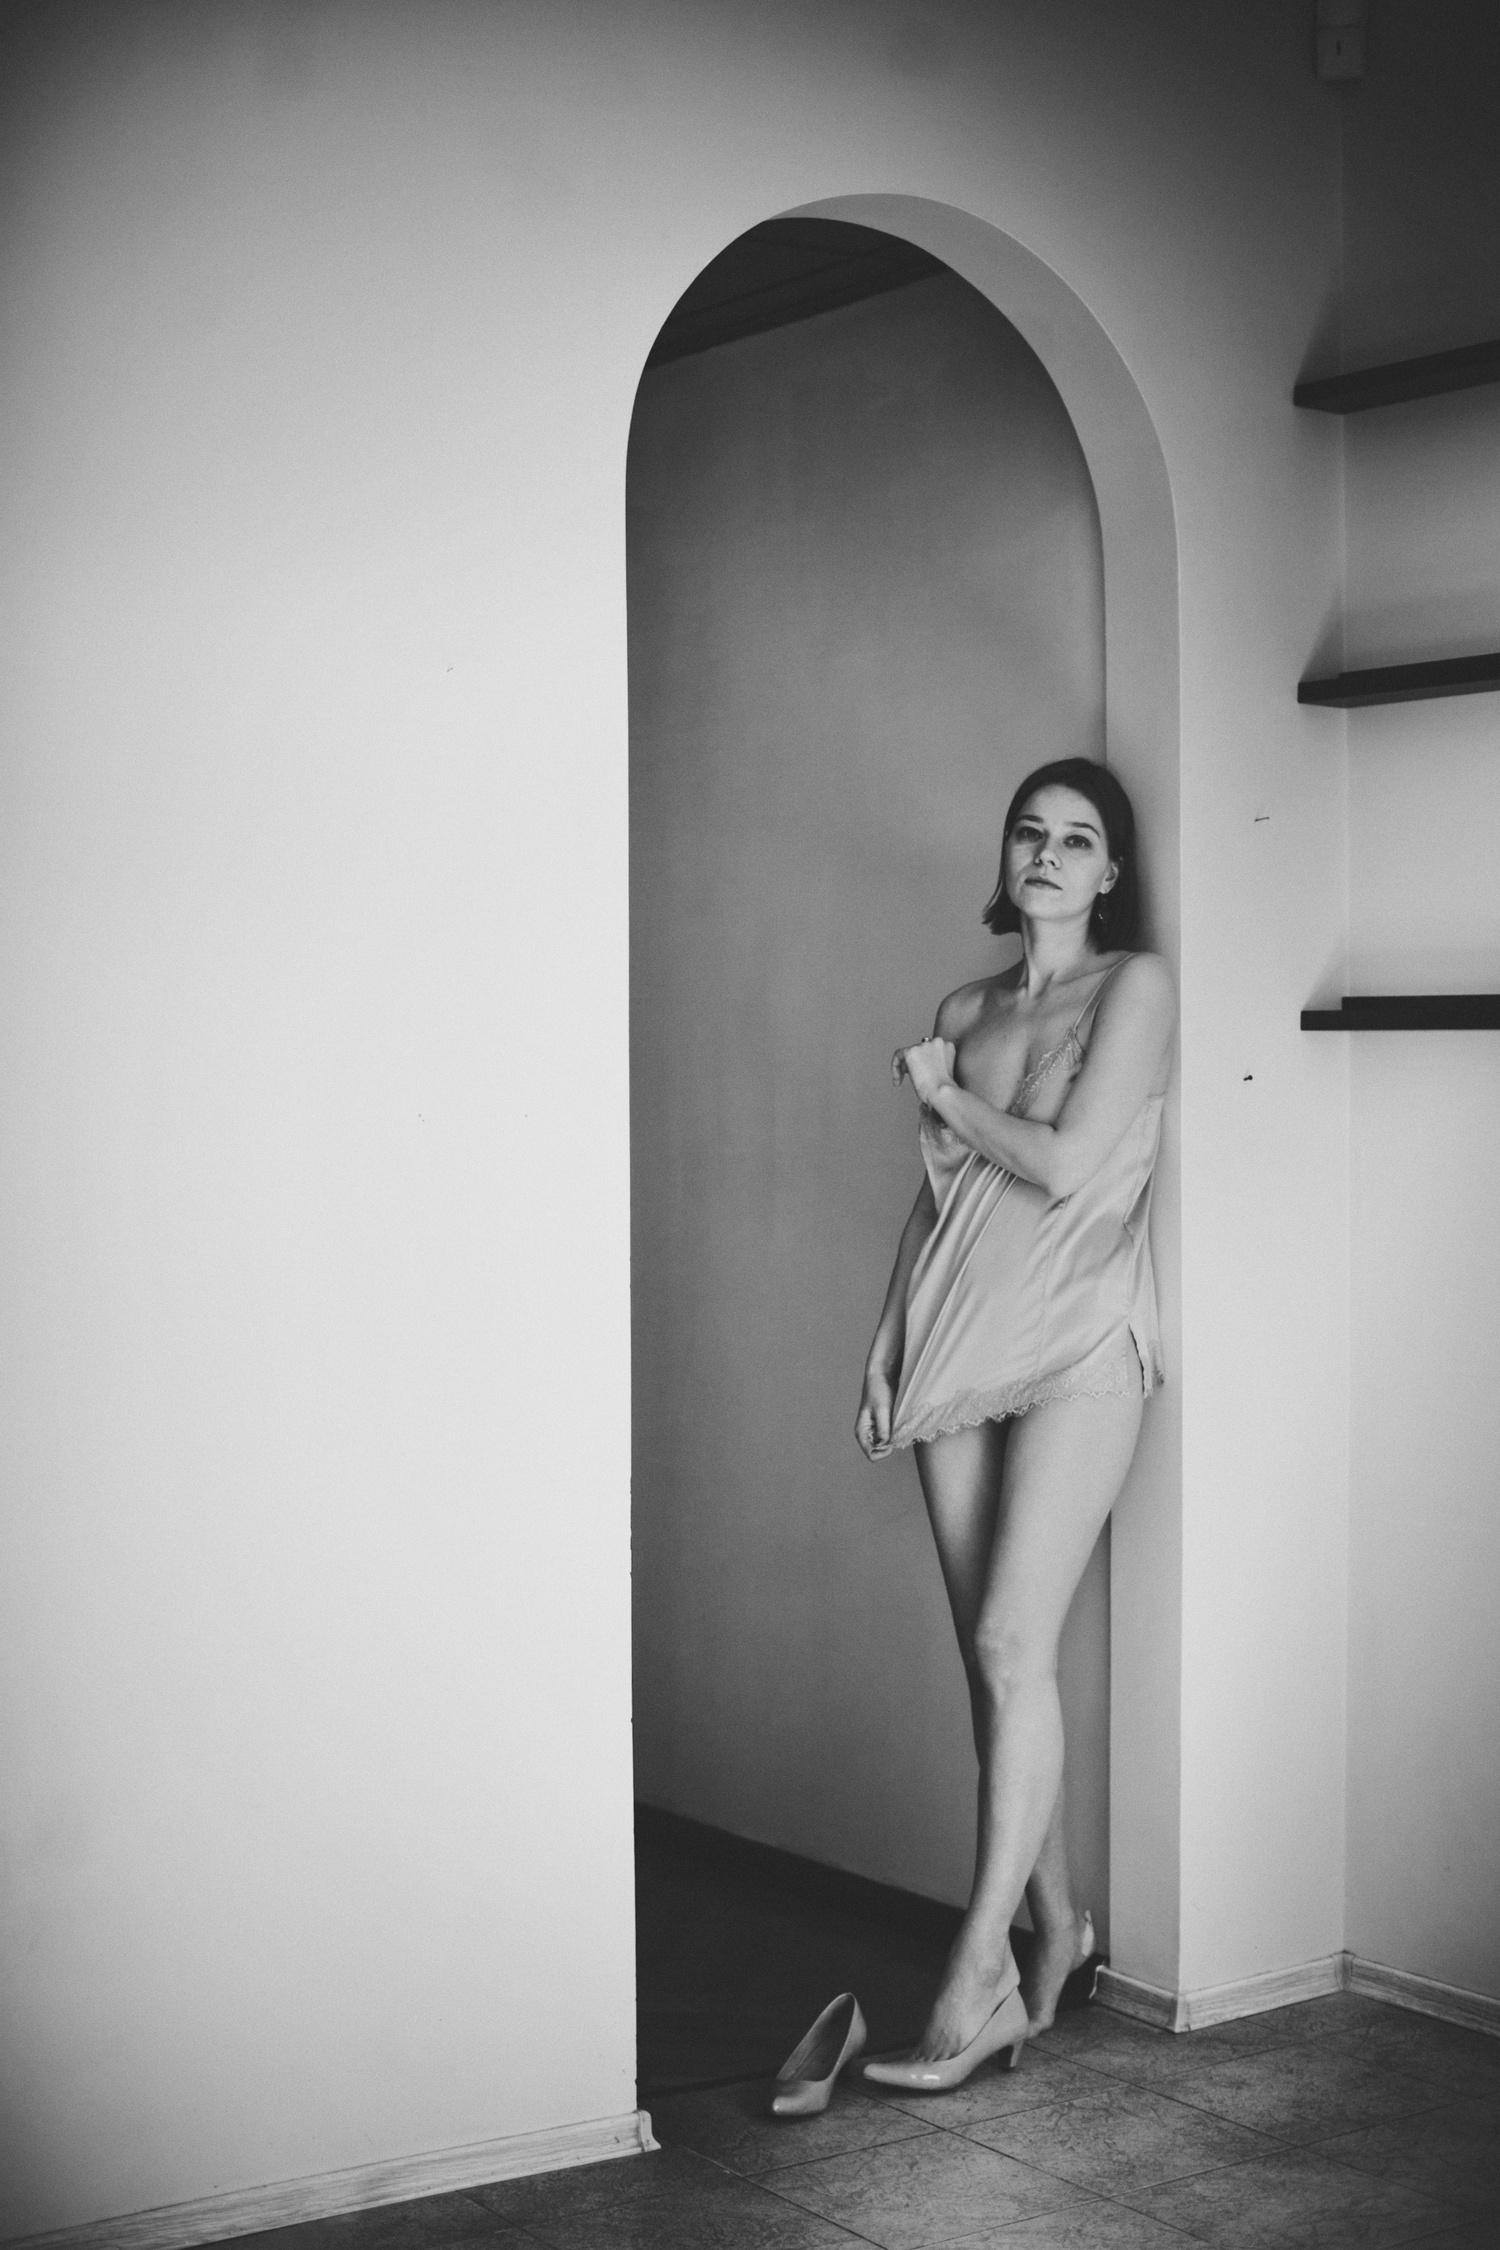 Таня. Ню. Чб. (18+)